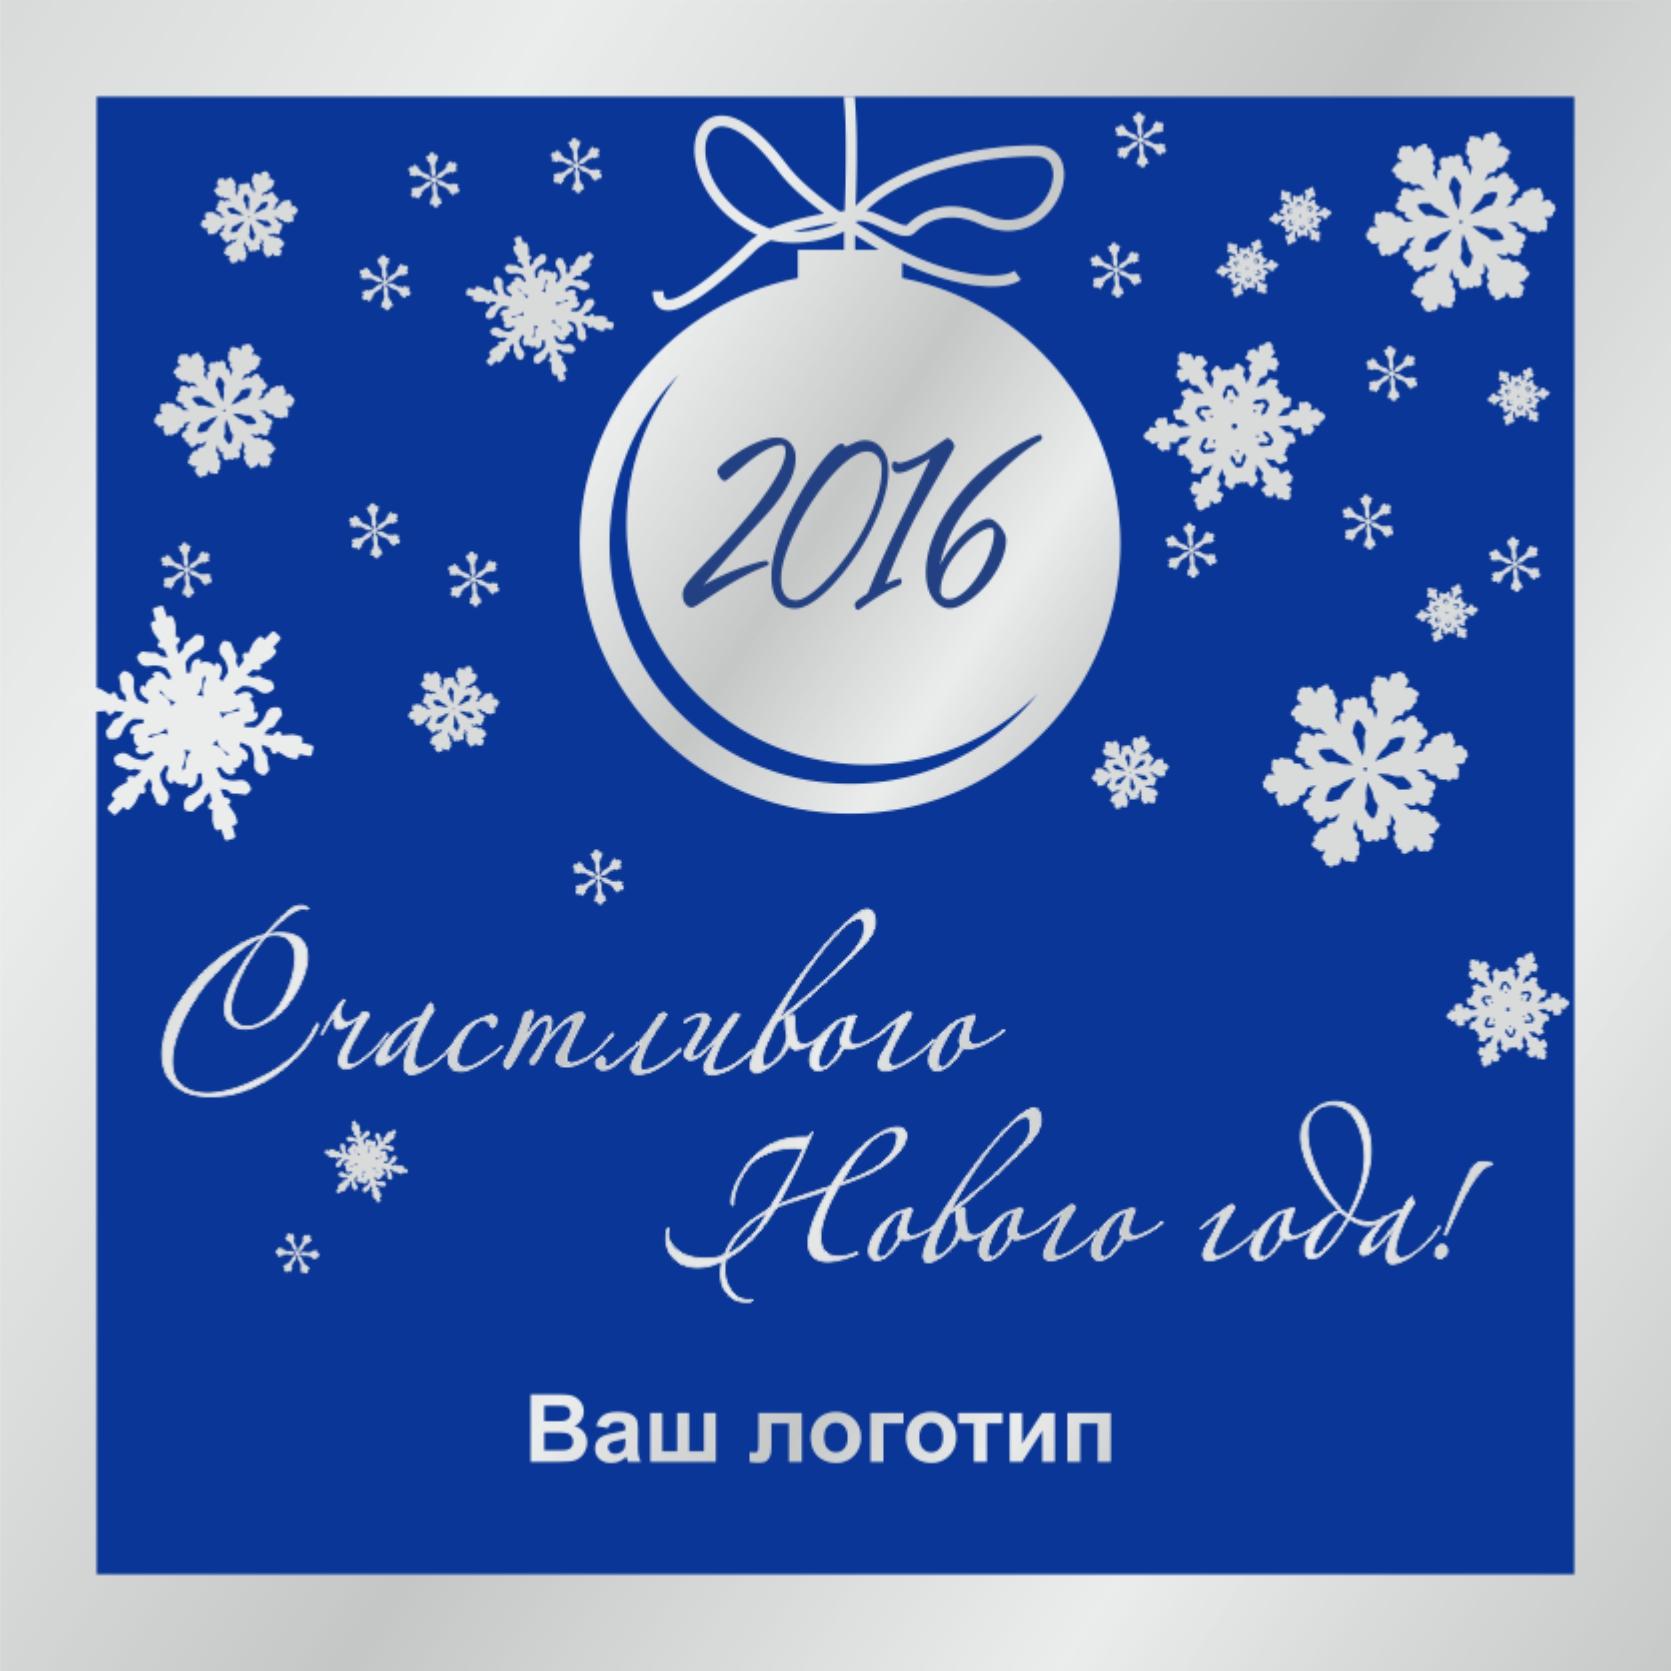 Макет открытки на новый год от компании